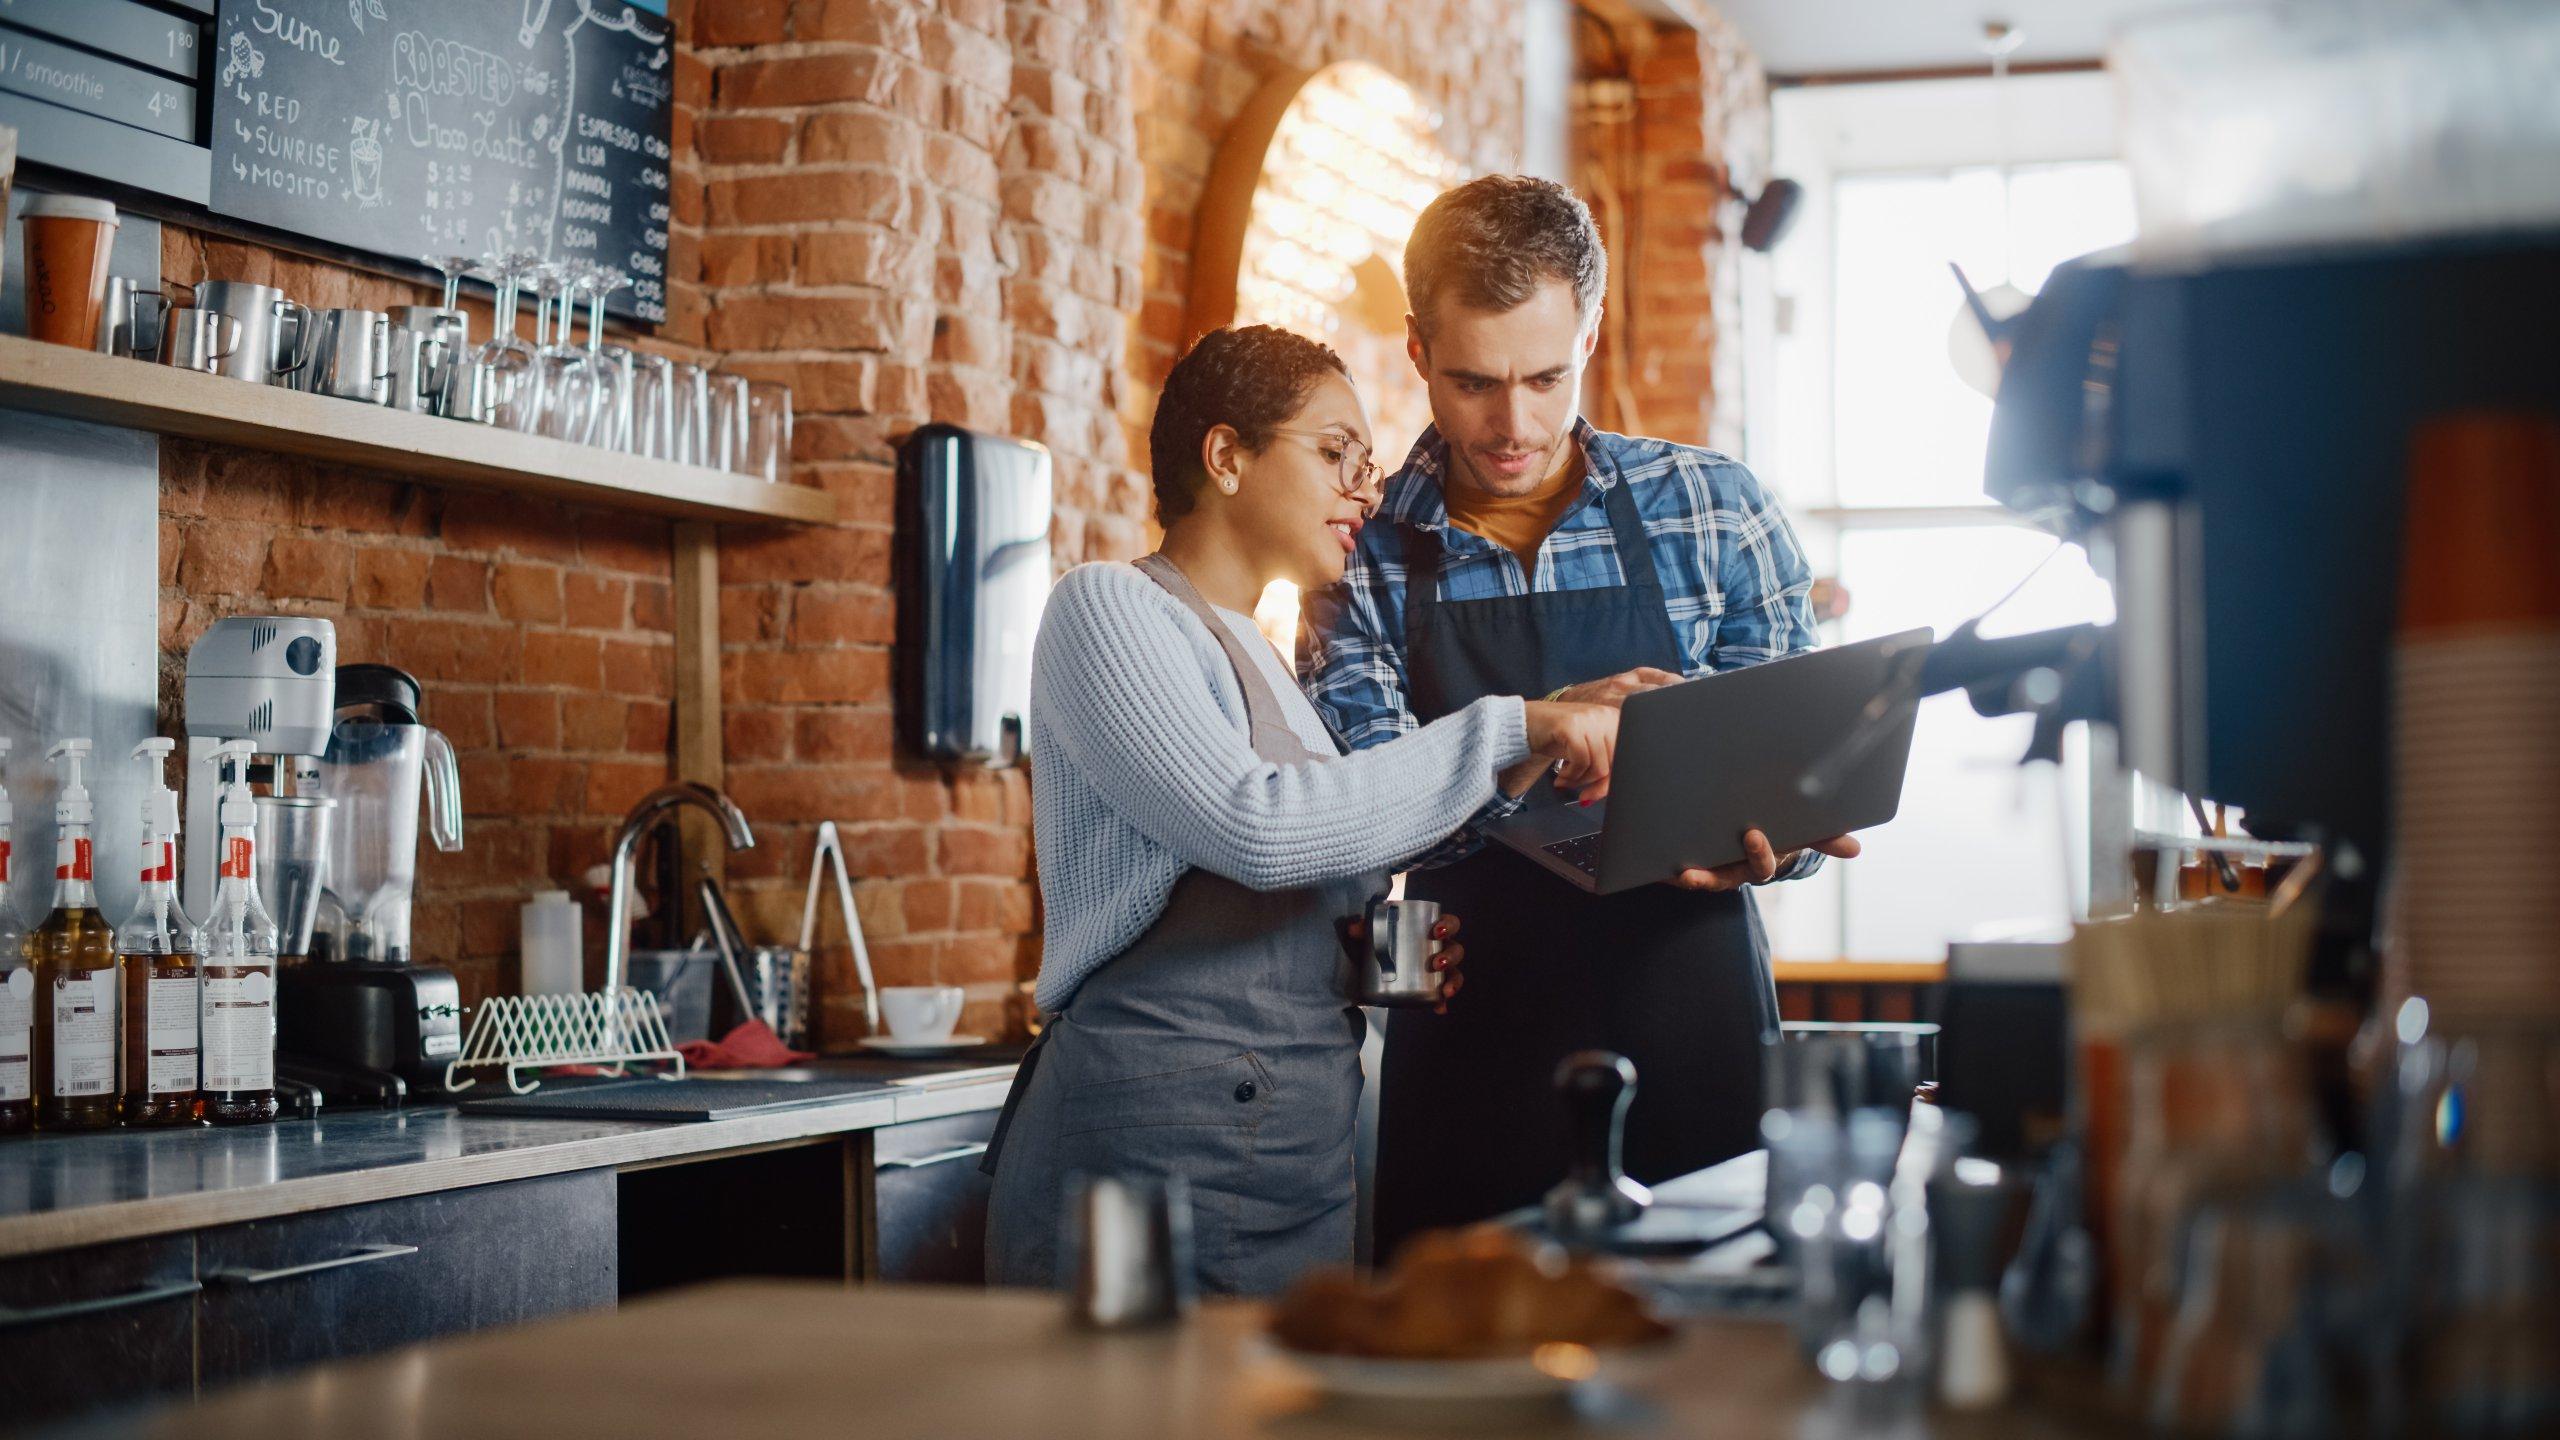 Seasonal Adjustment in Restaurants - Complete Controller